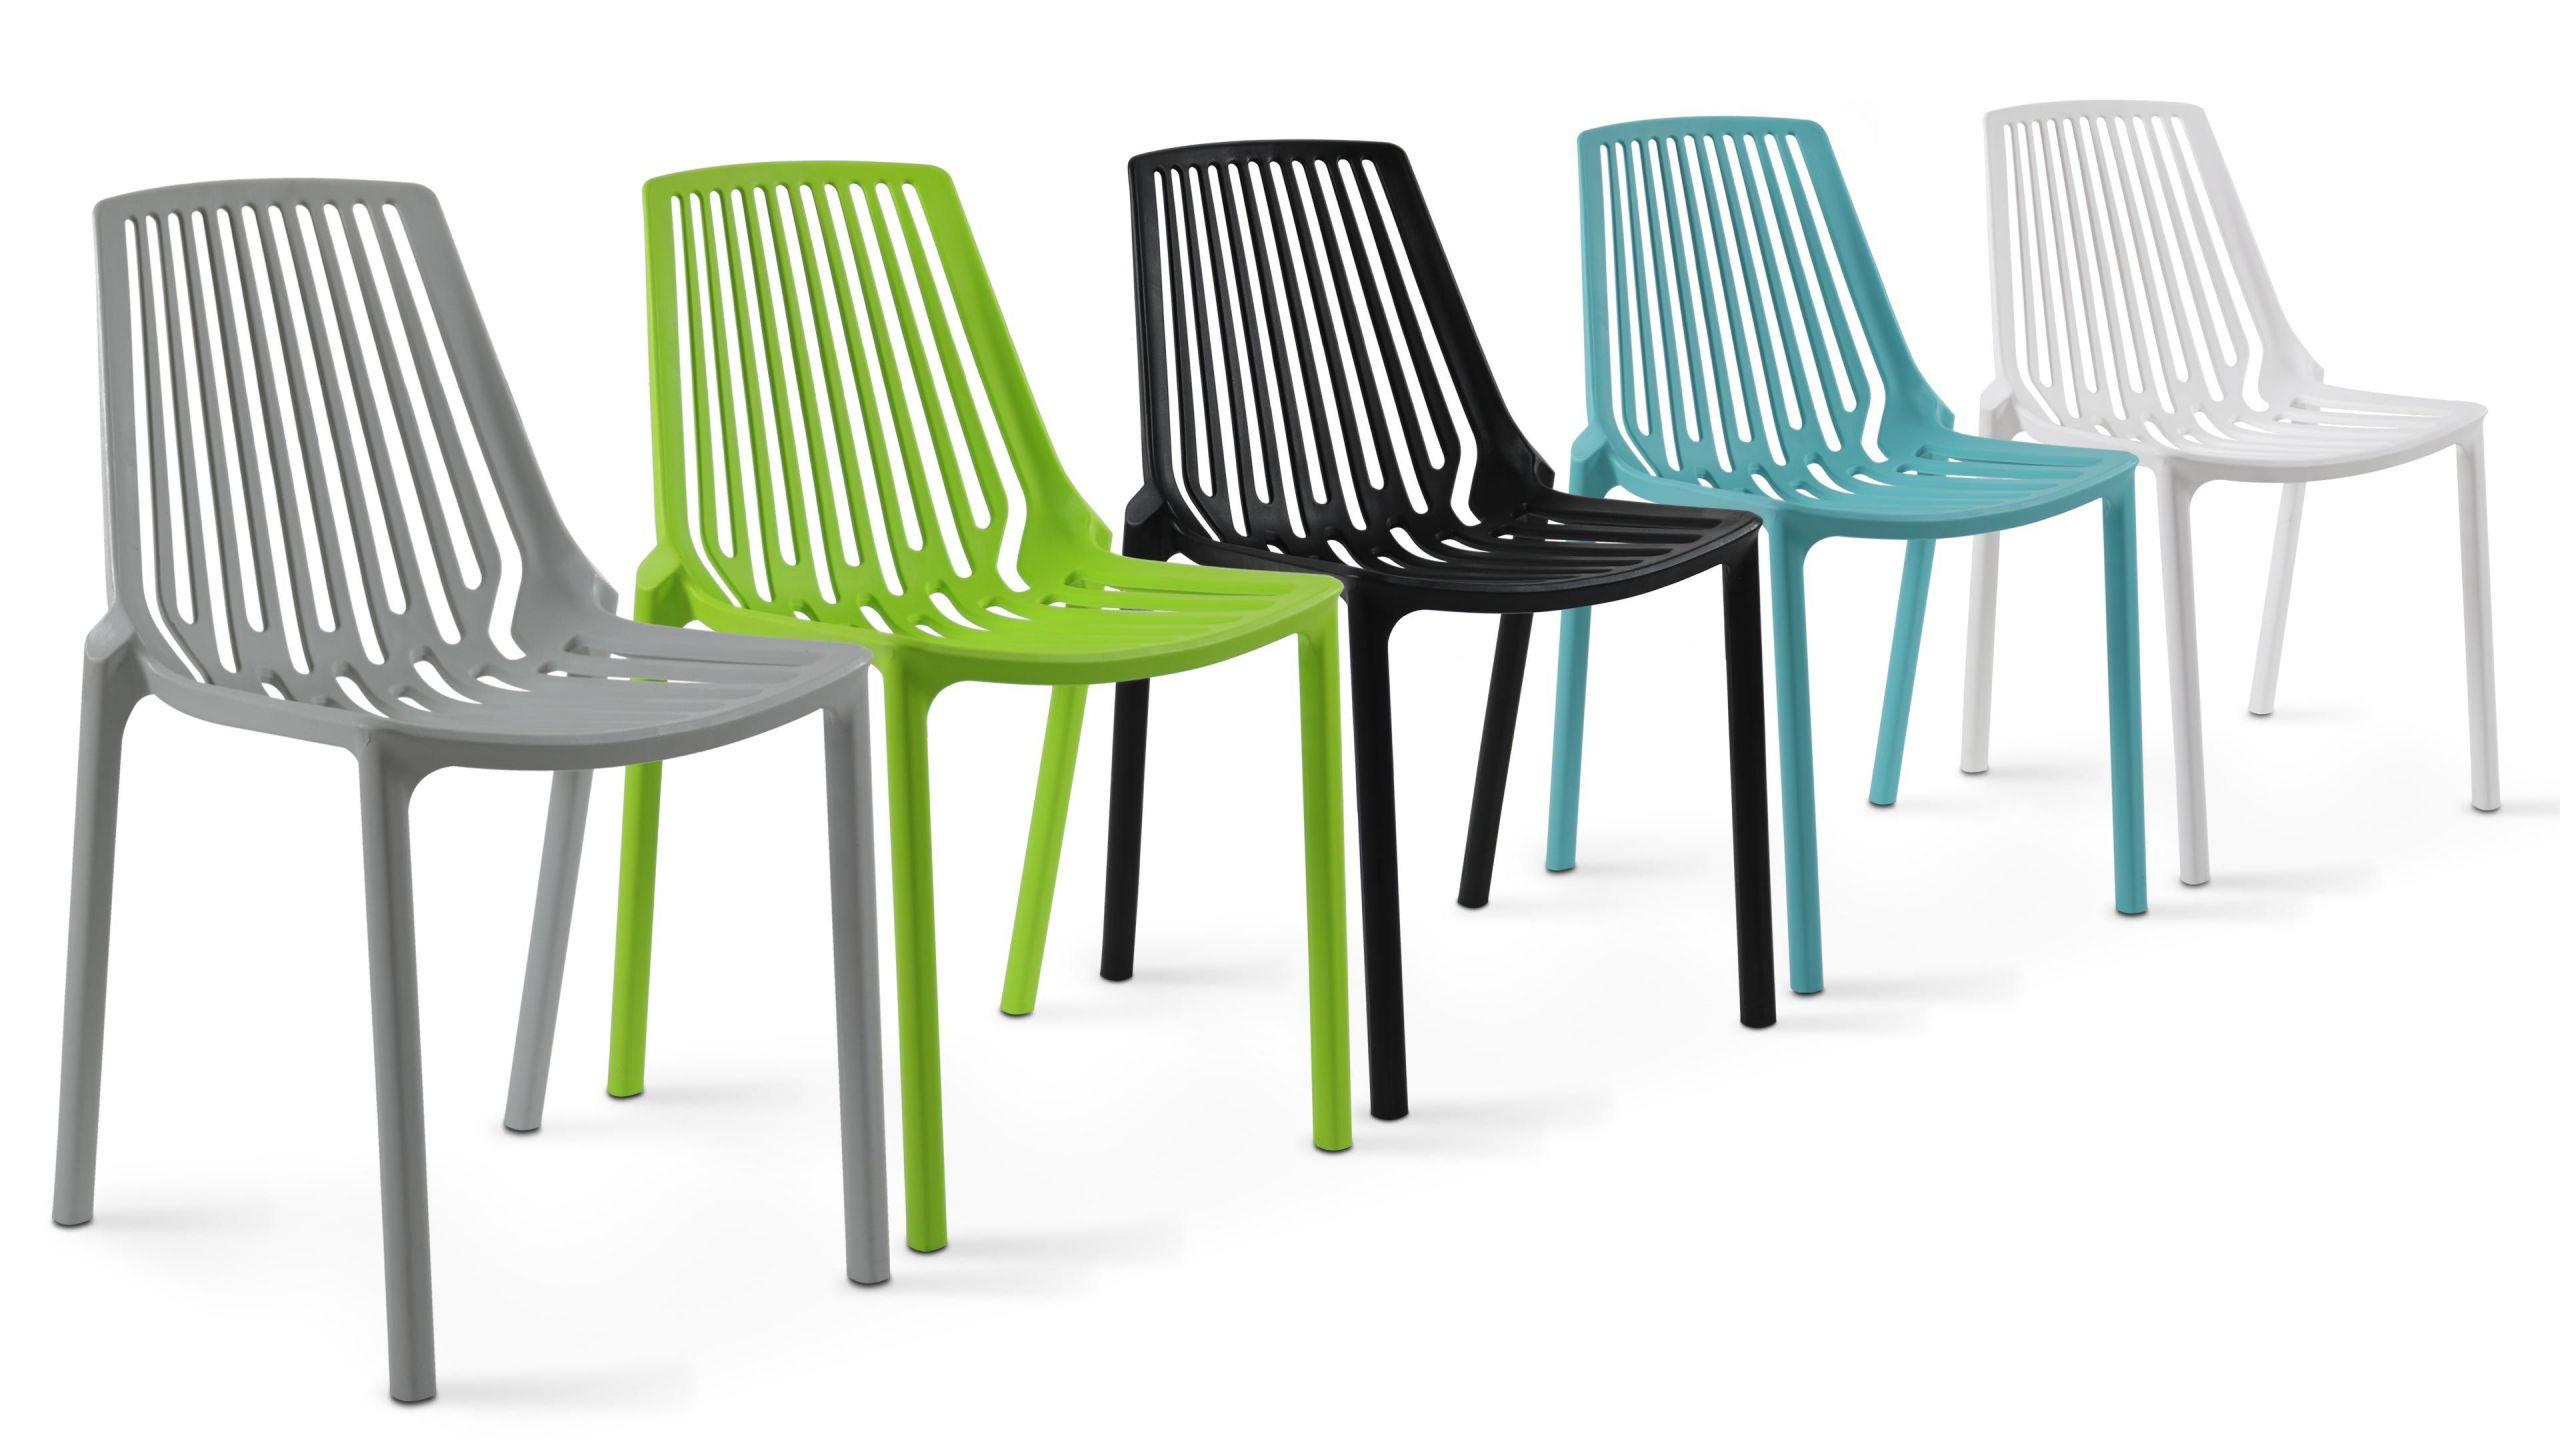 élégant Table Et Chaise De Jardin Pas Cher En Plastique